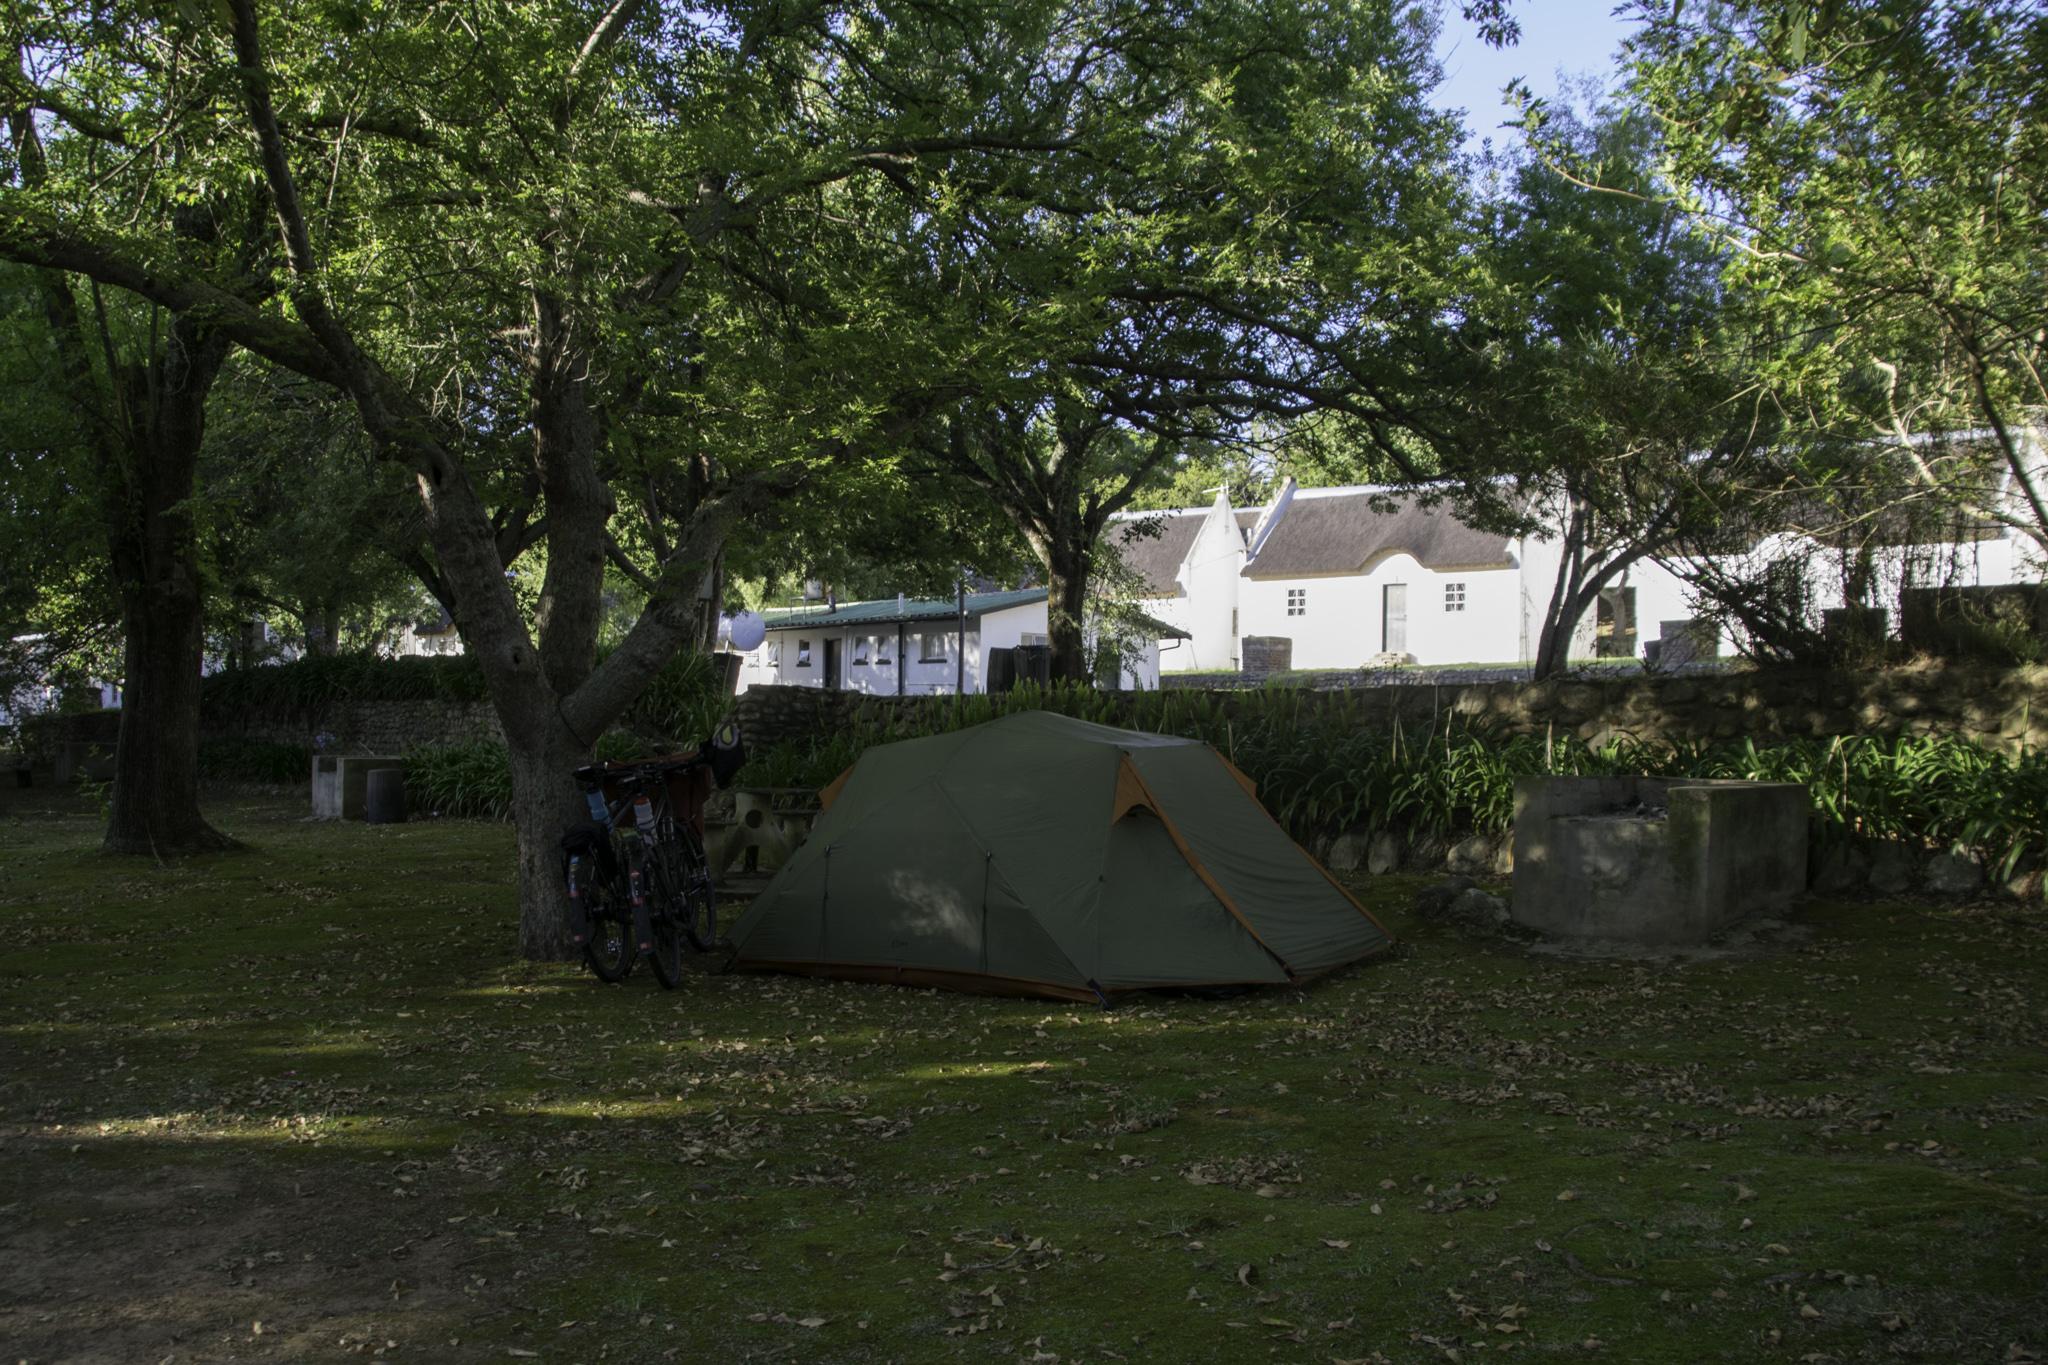 Das letzte Mal zelten auf dem Campingplatz von Swellendam